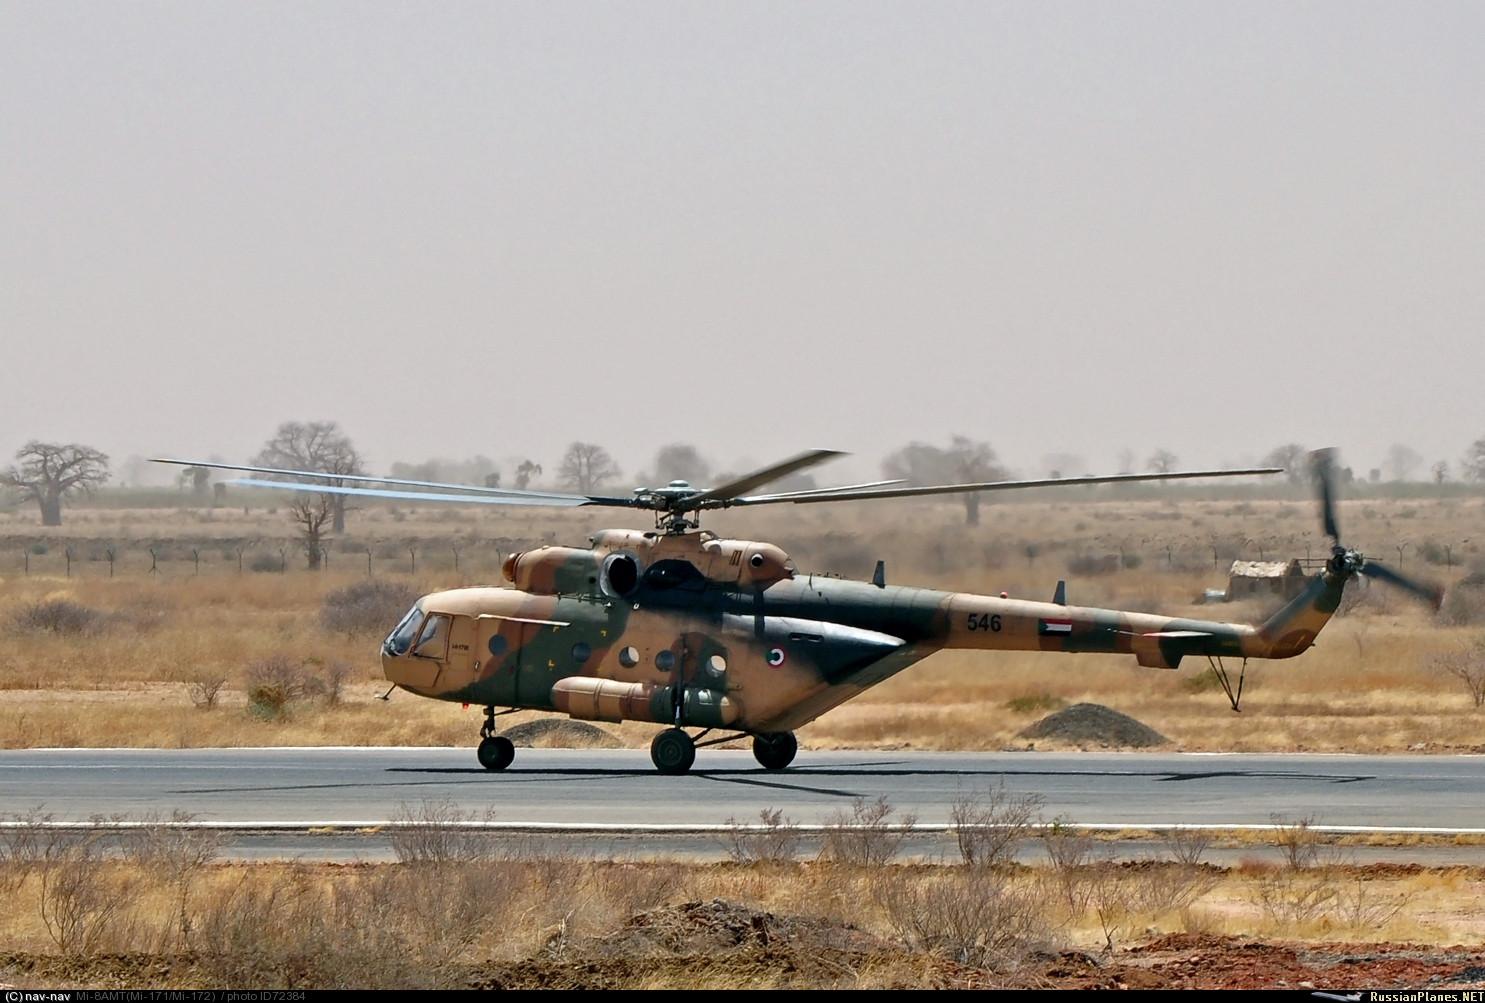 Armée Soudanaise / Sudanese Armed Forces ( SAF ) - Page 2 072384